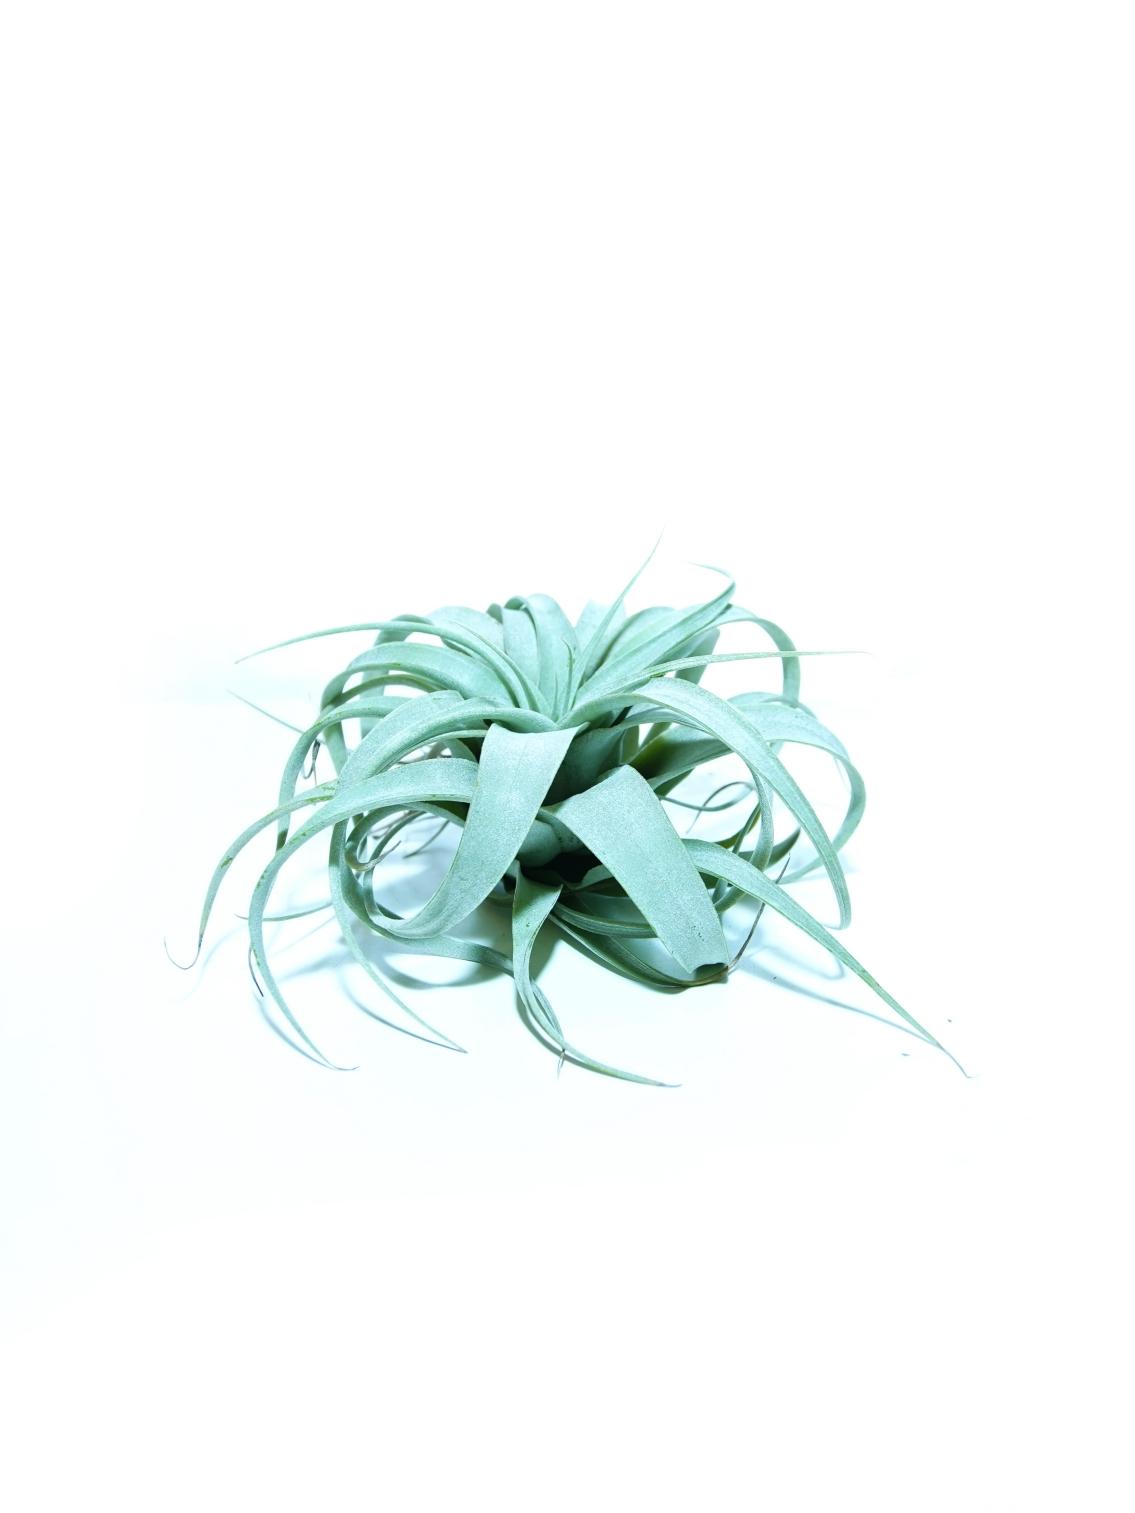 تيللاندسيا إكسيروجرافيكا 'نباتات داخلية'